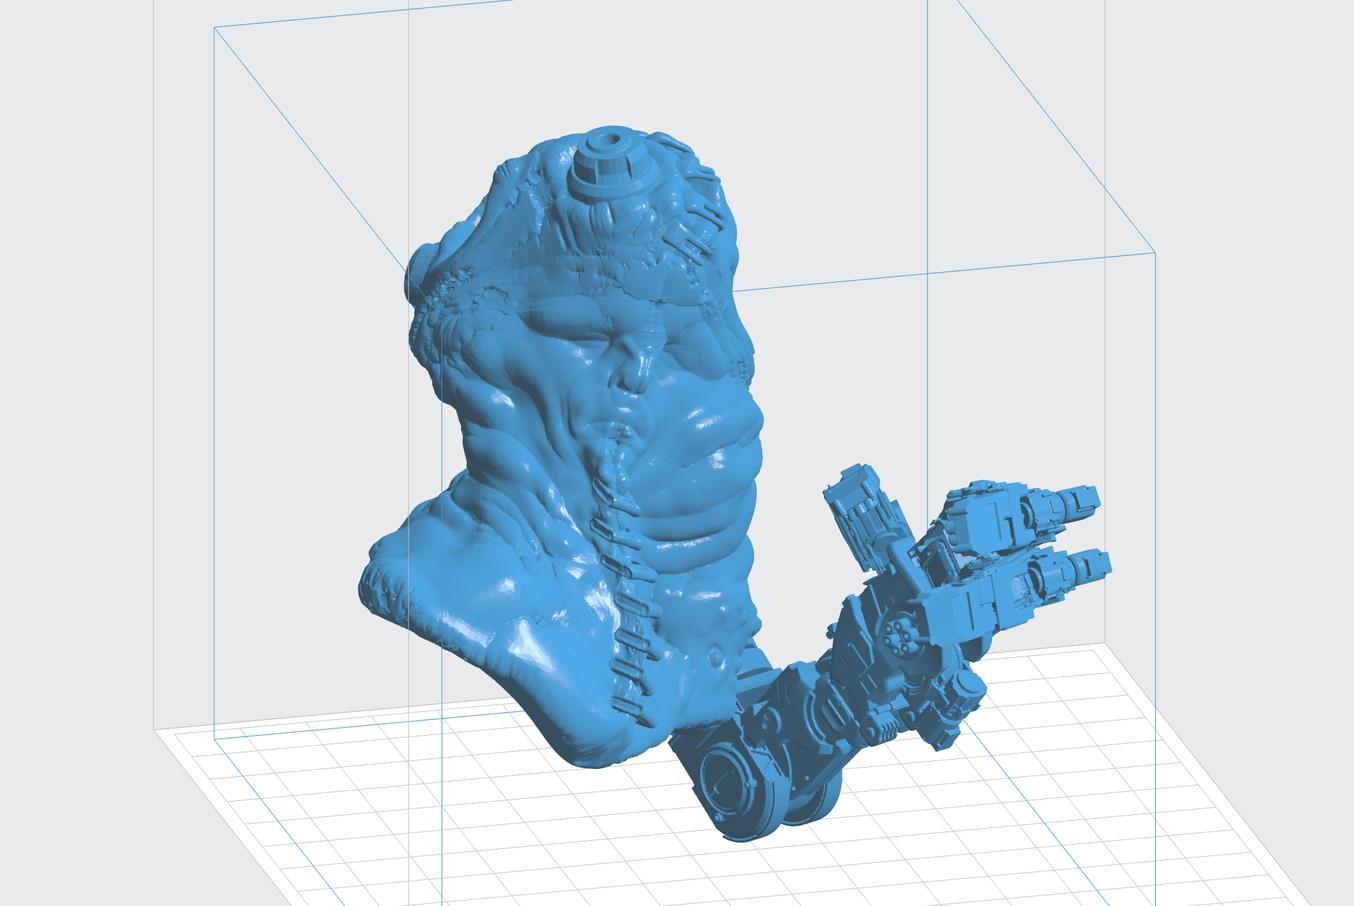 Le logiciel PreForm prépare les modèles de Landis pour impression sur son imprimante 3D Formlabs, ce qui accélère son procédé de conception.